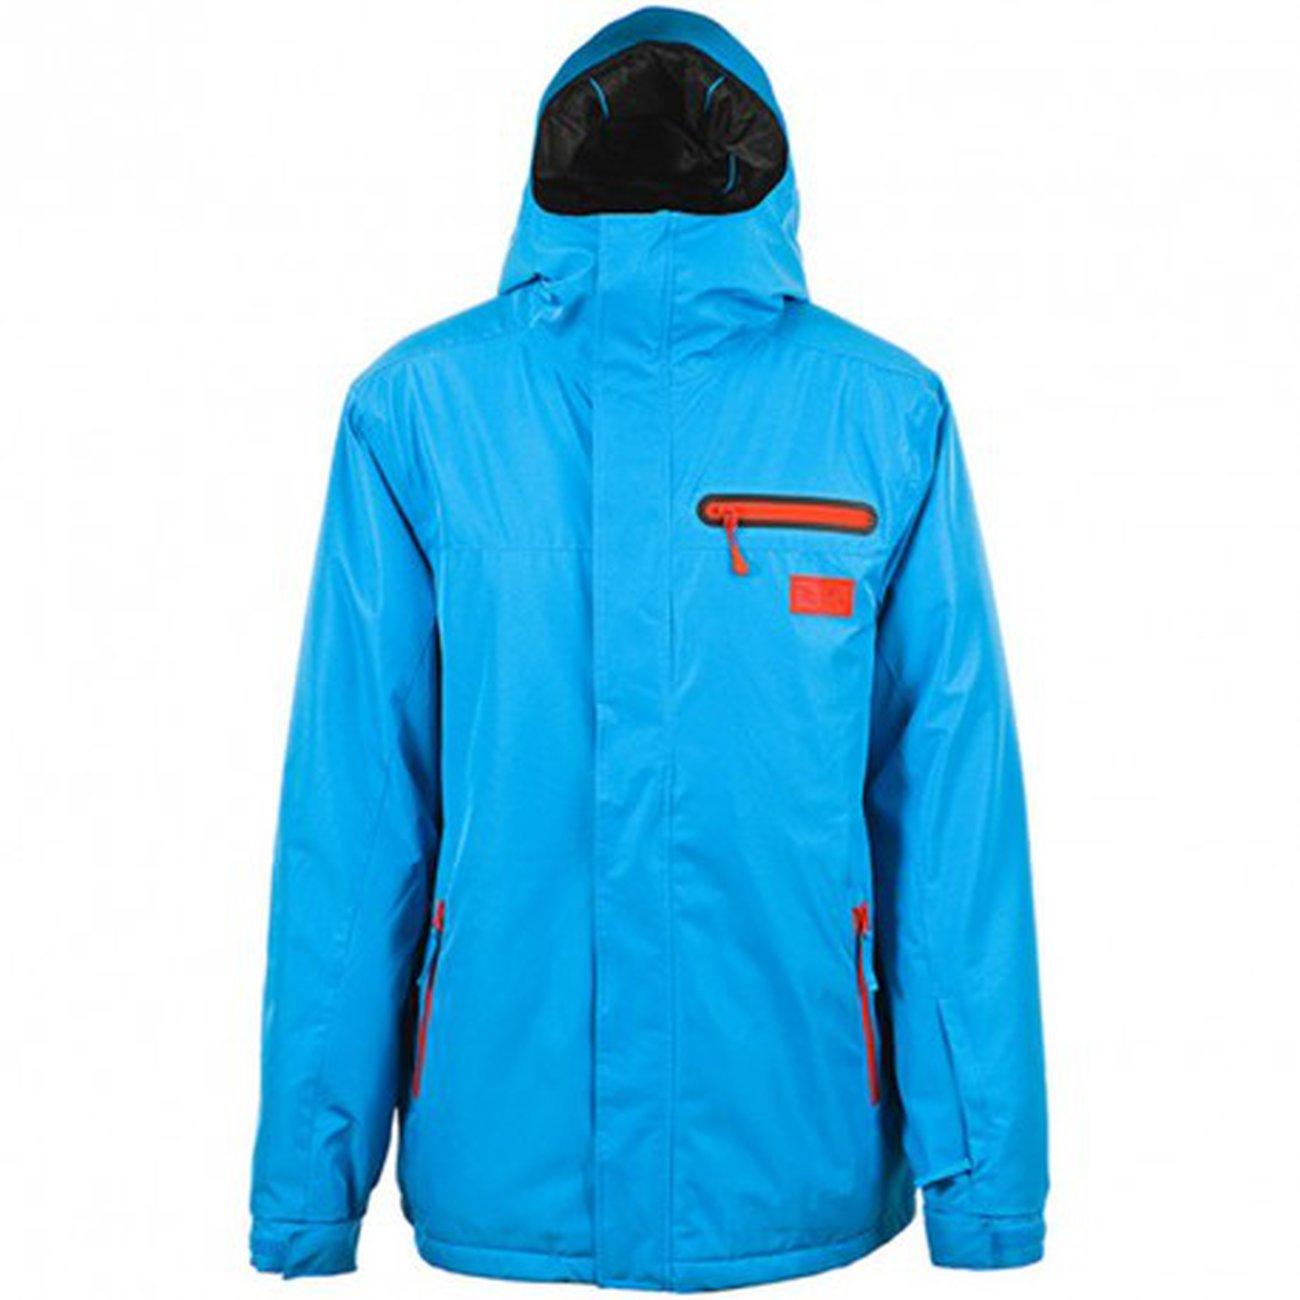 Veste de ski RipCurl Answer JKT - Taille XL (vendeur tiers)